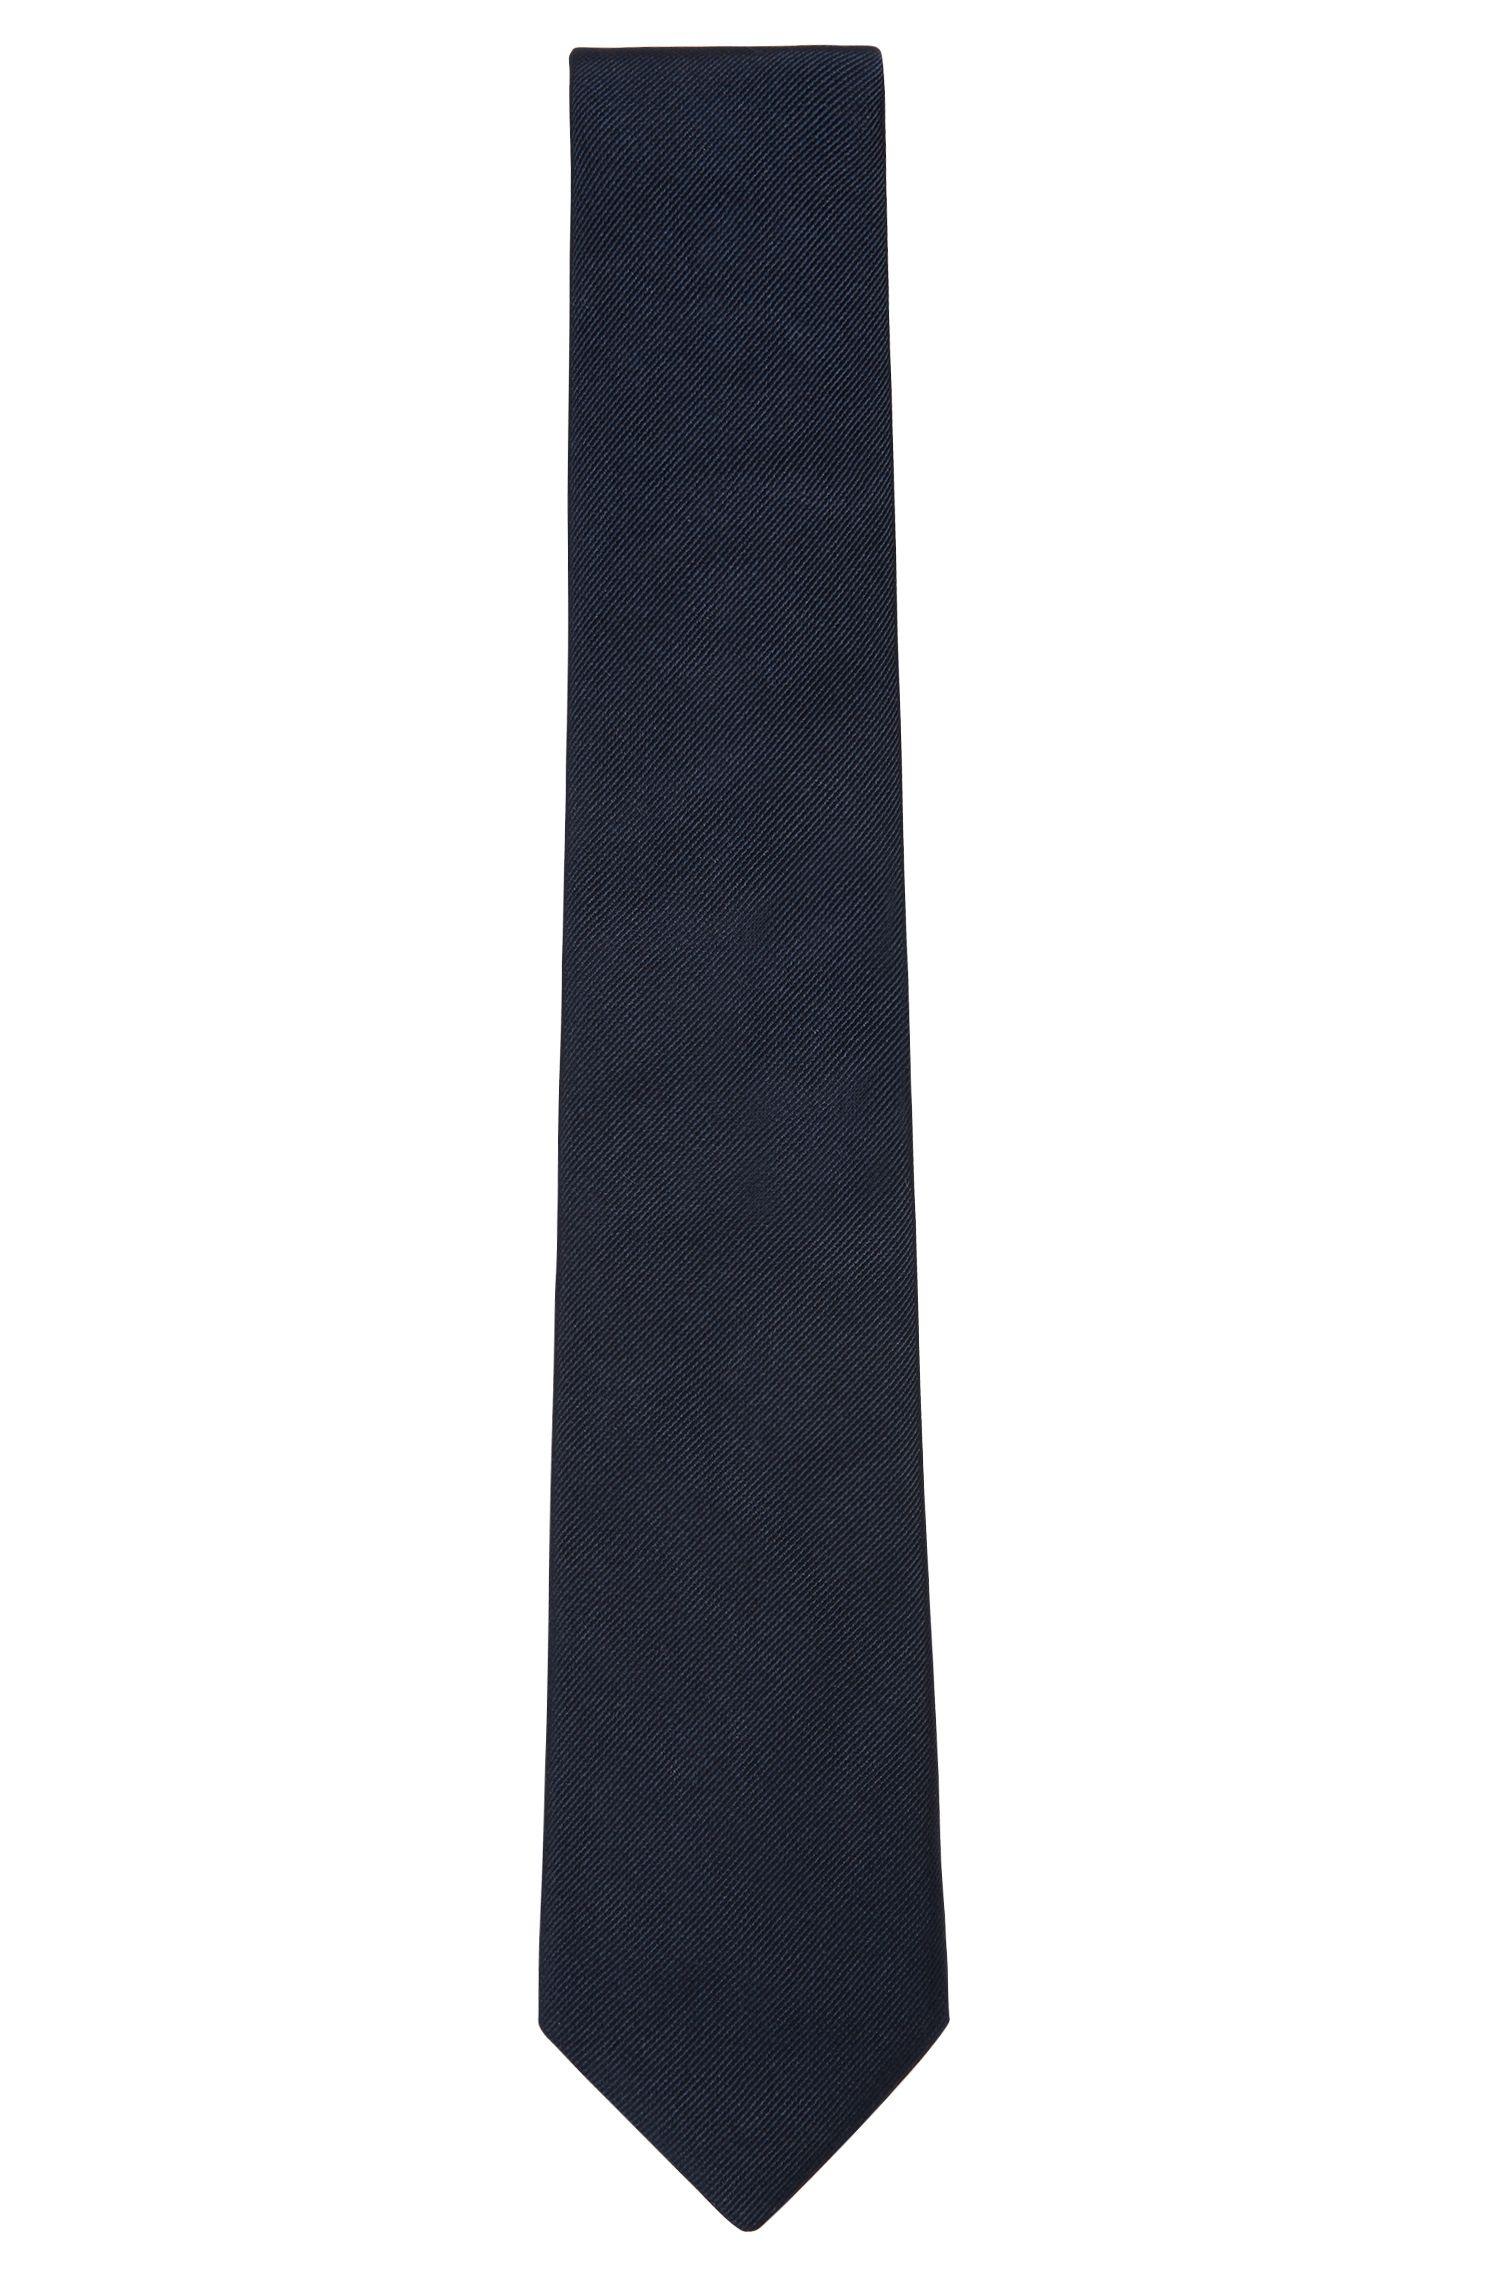 In Italien gefertigte Krawatte aus Seiden-Jacquard